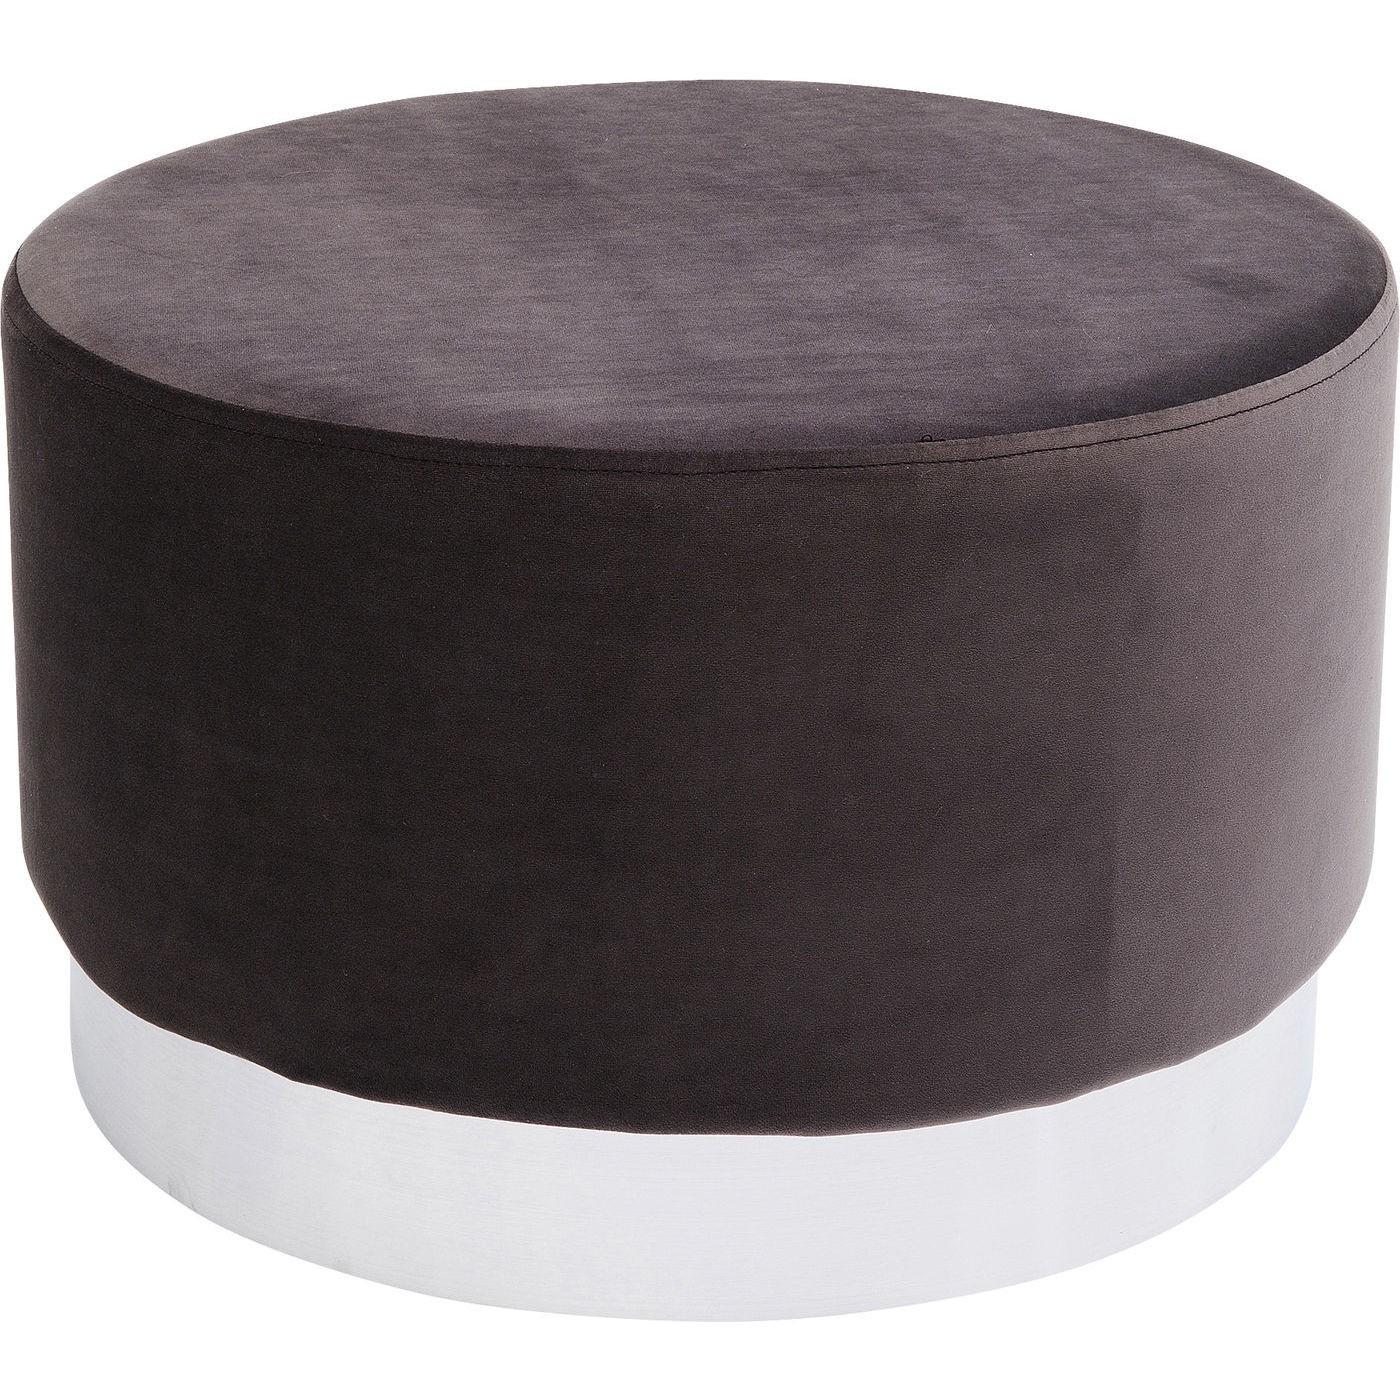 Tabouret en velours gris anthracite et acier chromé D55